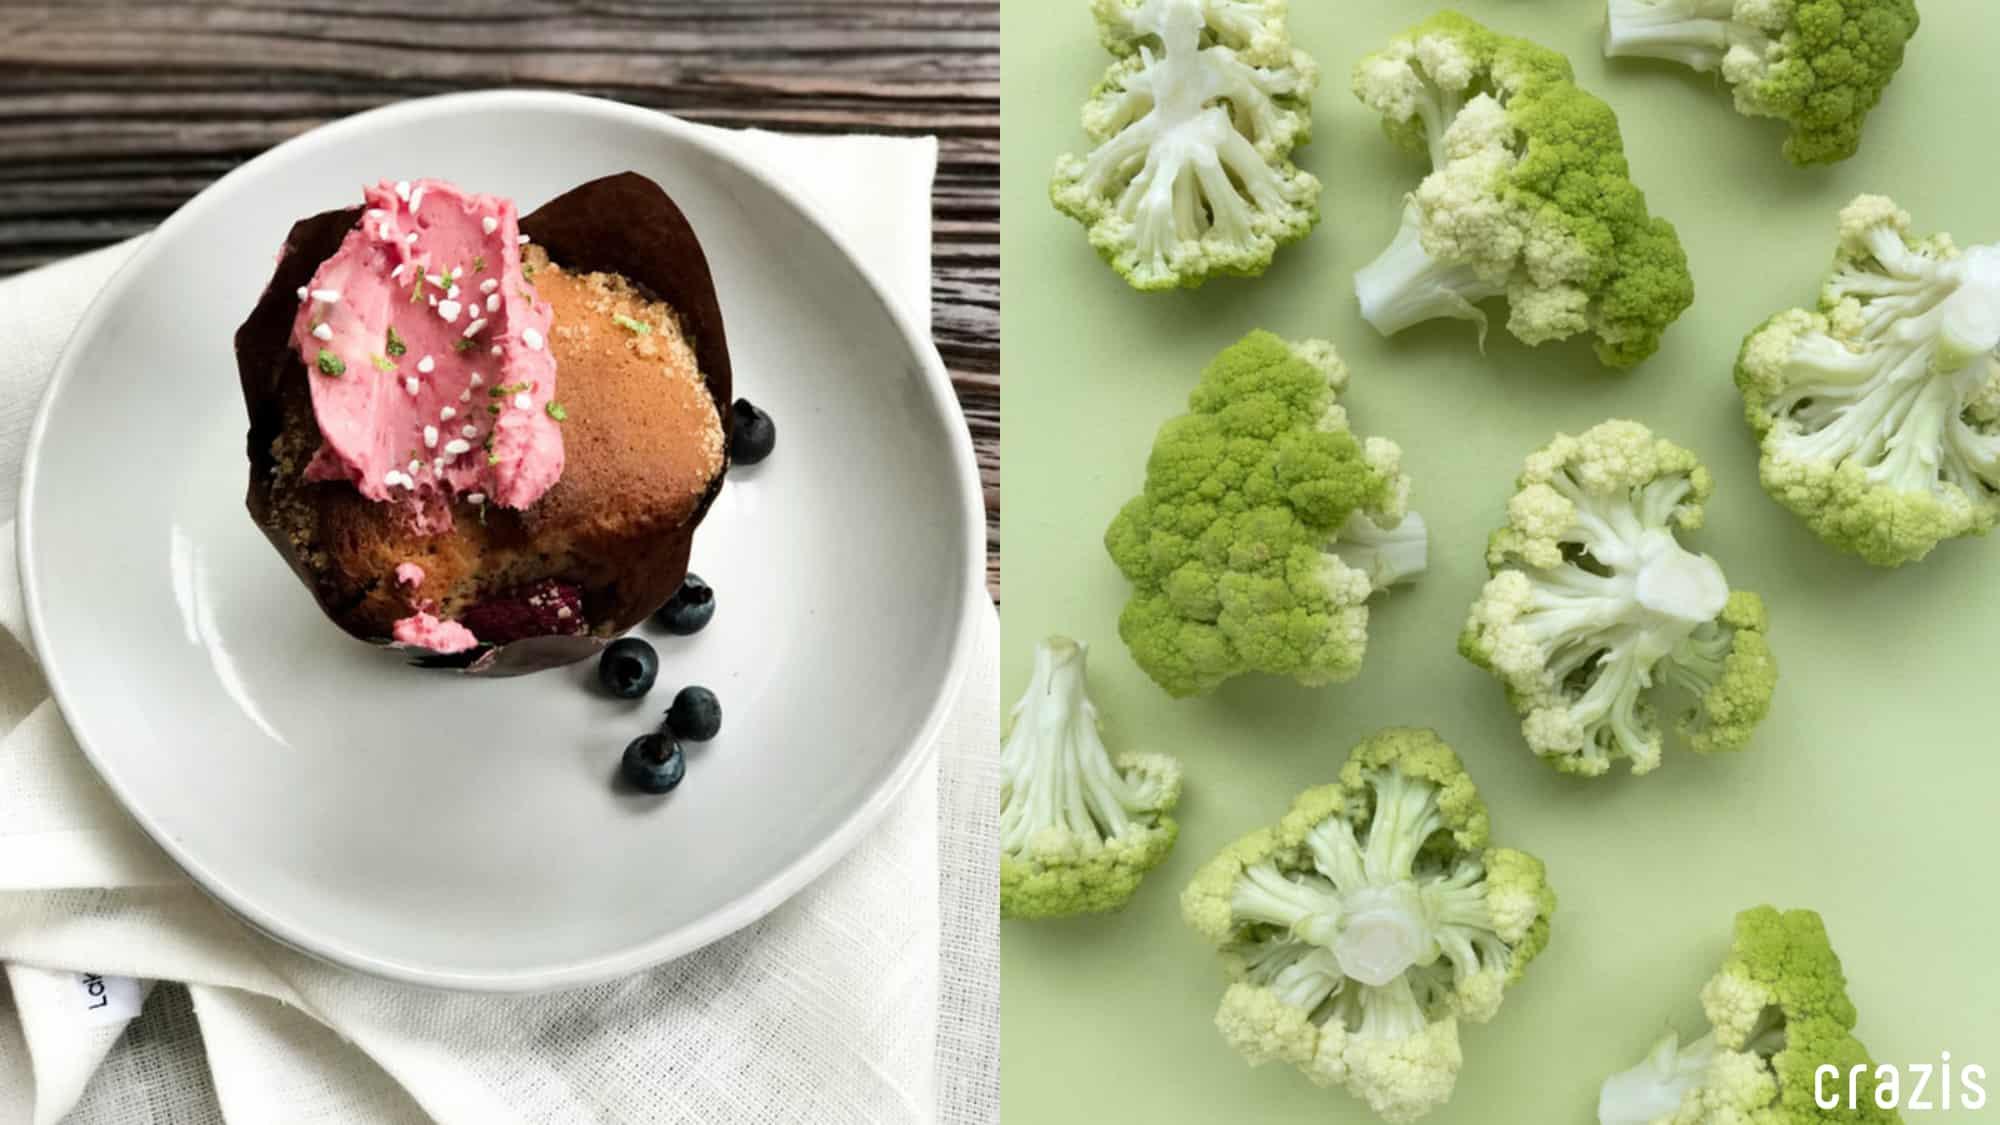 Phần bánh béo bở hay đĩa rau lành mạnh?